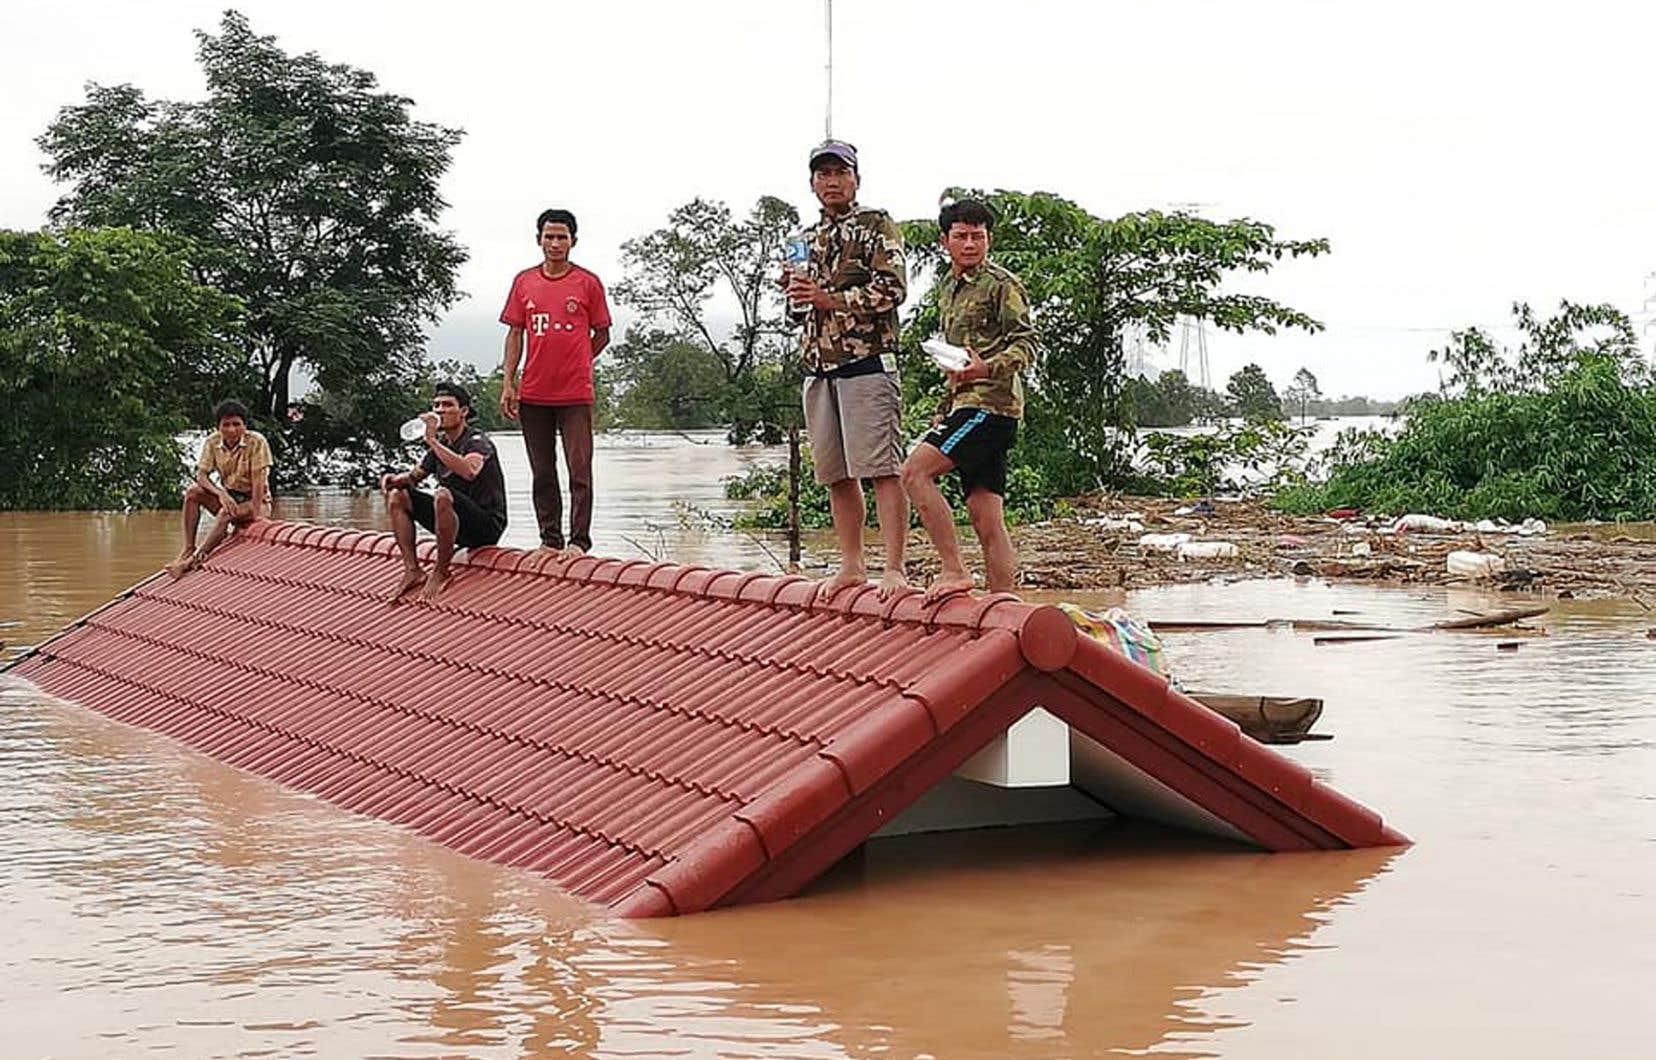 <p>Les opérations de secours sont compliquées, car la zone sinistrée, très isolée, n'est accessible que par hélicoptère ou bateau, les routes ayant été gravement endommagées, voire totalement emportées.</p>